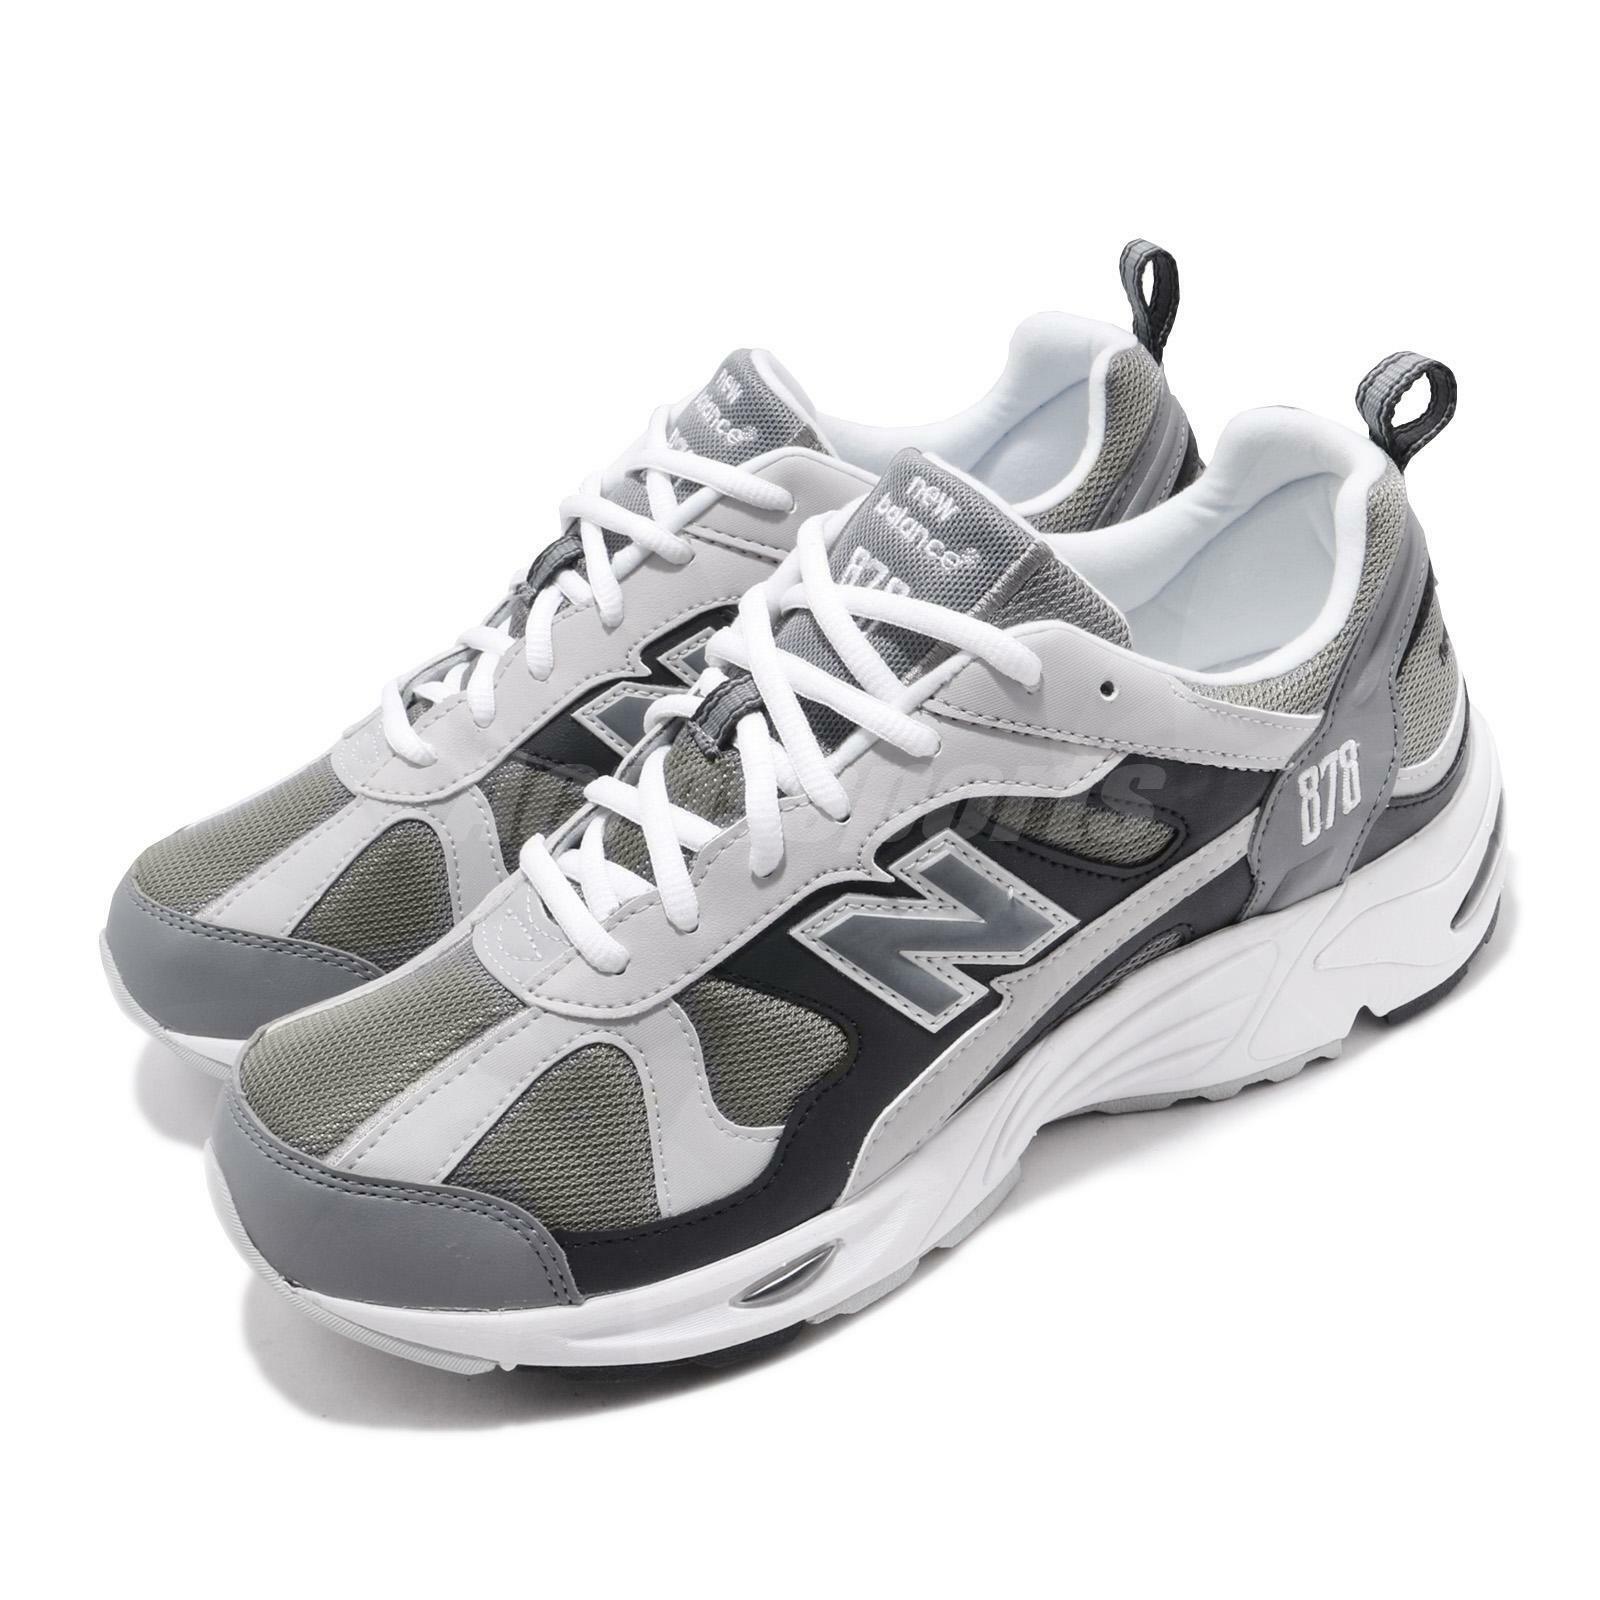 New Balance CM878GRY  D grigio bianca Mens Running Casual scarpe scarpe da ginnastica CM878GRYD  spedizione veloce a te